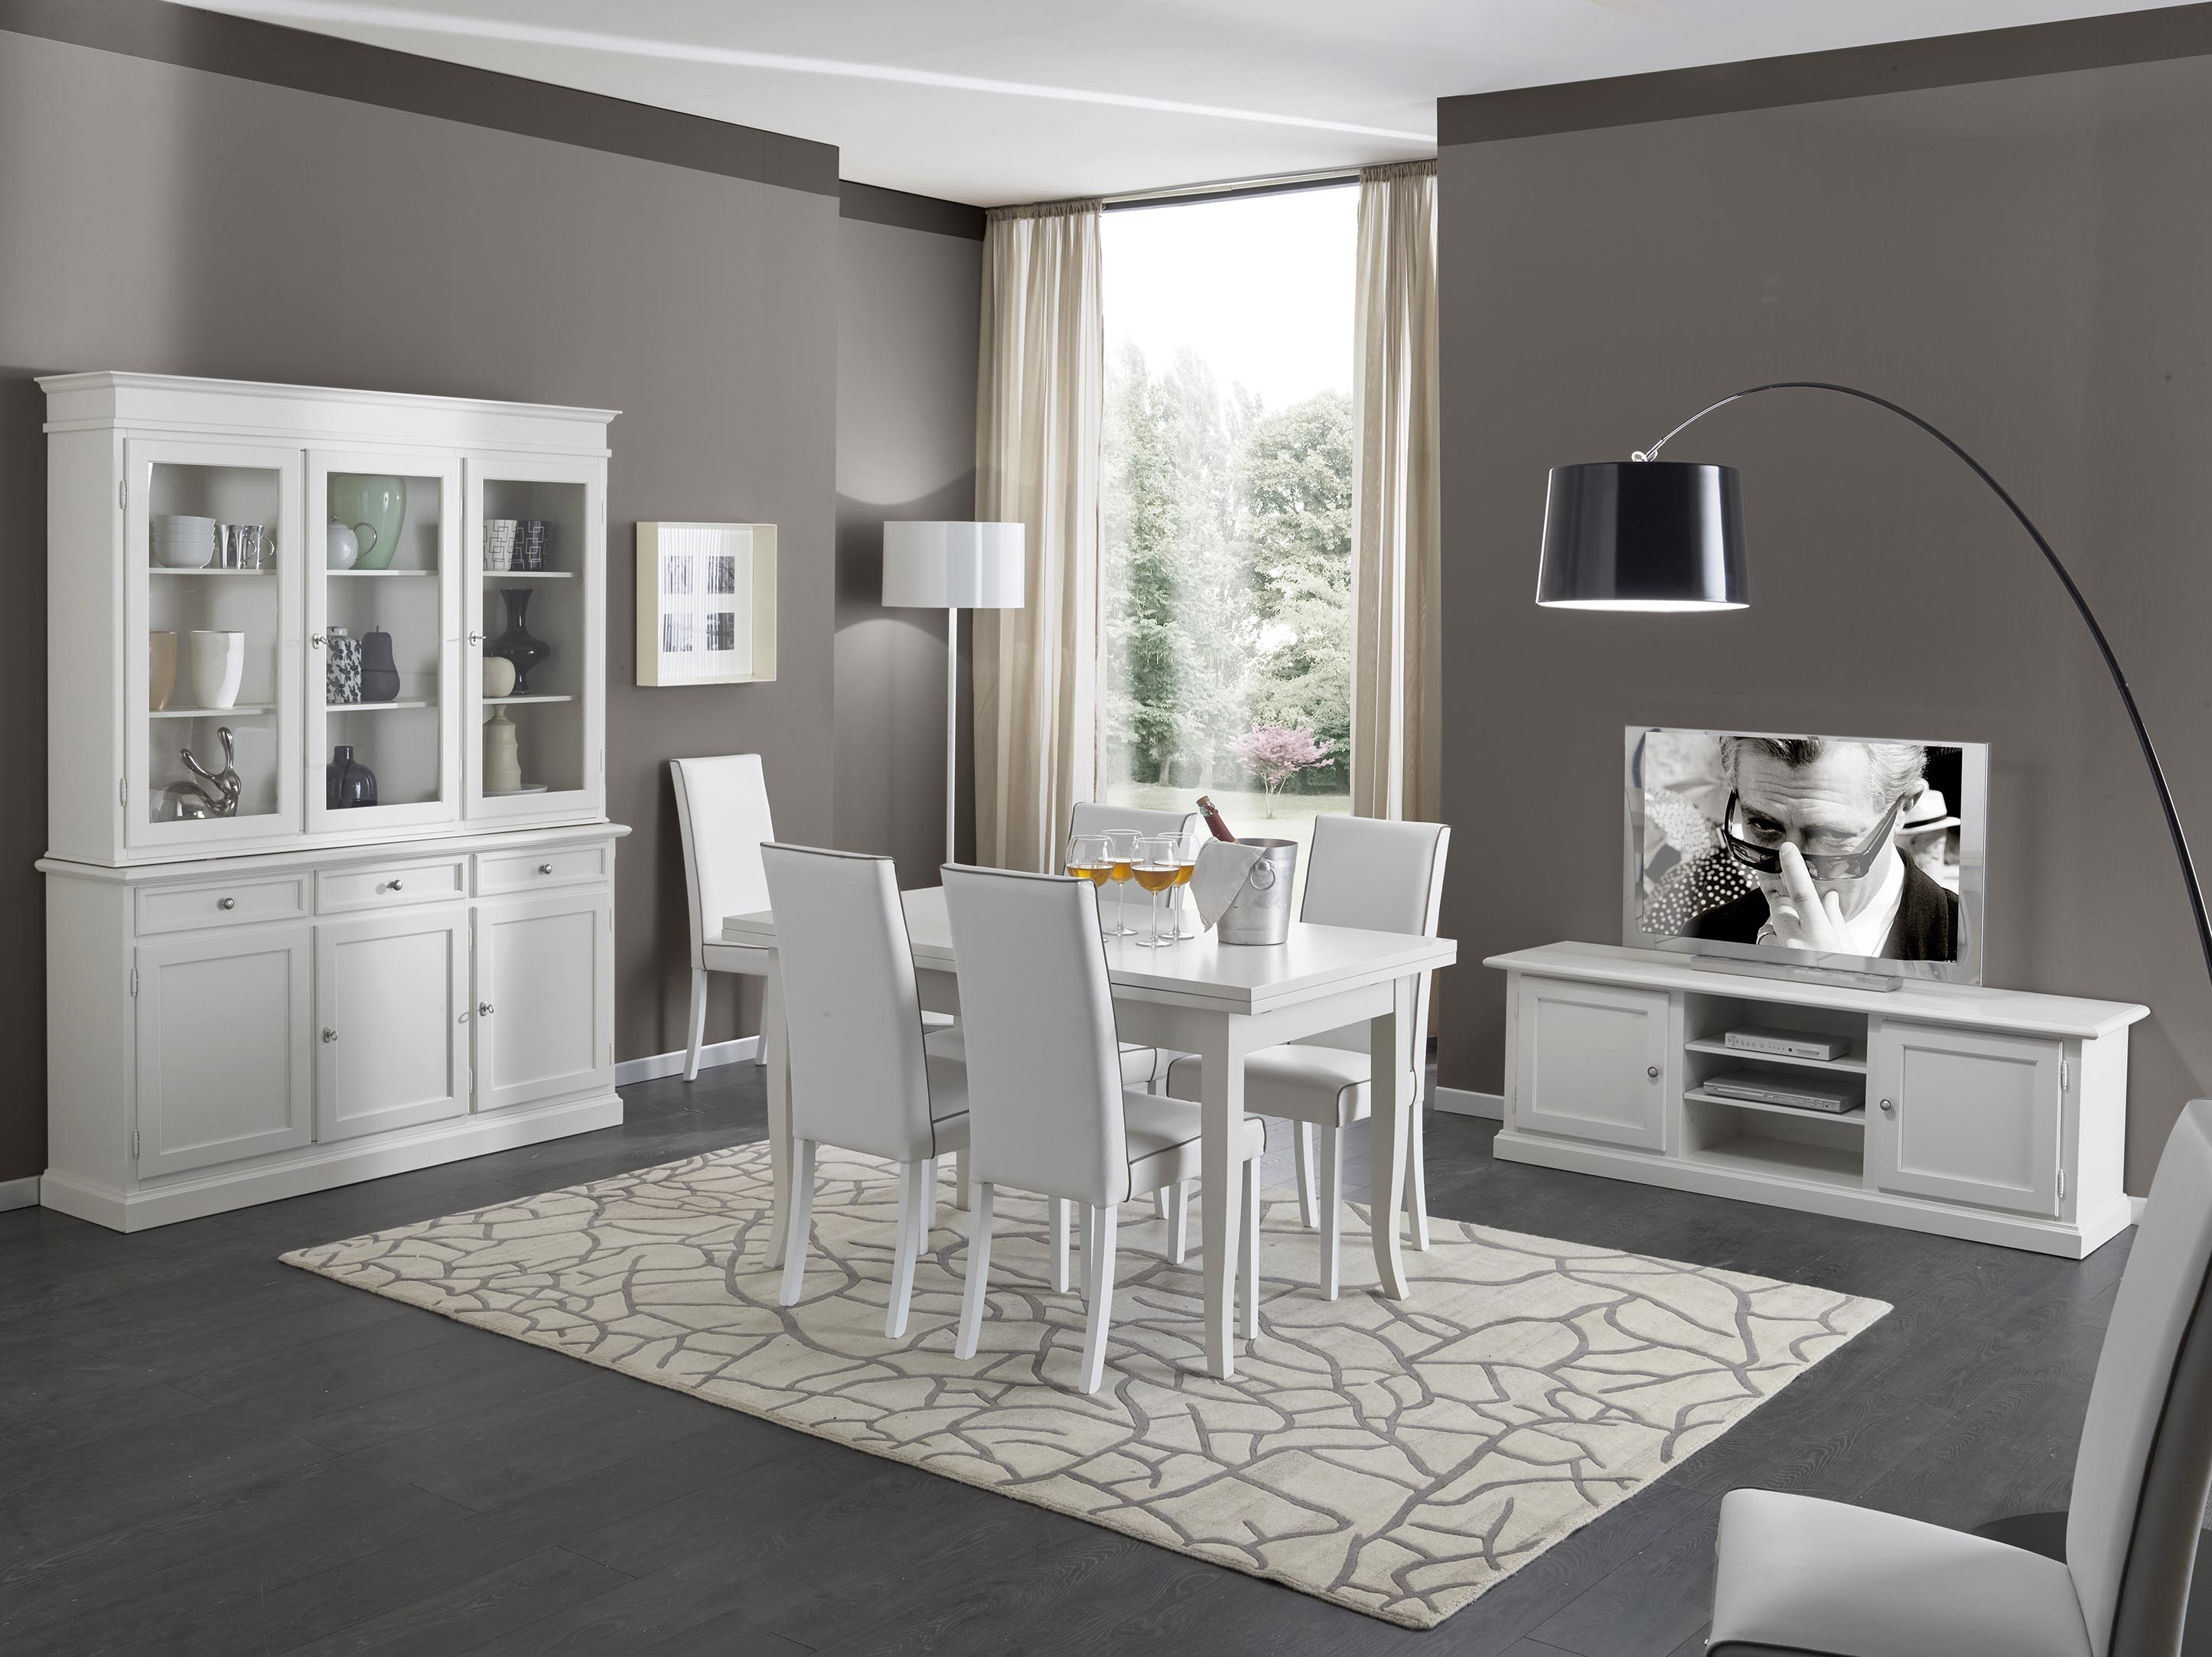 Soggiorno in legno bianco con tavolo sedie mobile tv e for Mobili per la sala